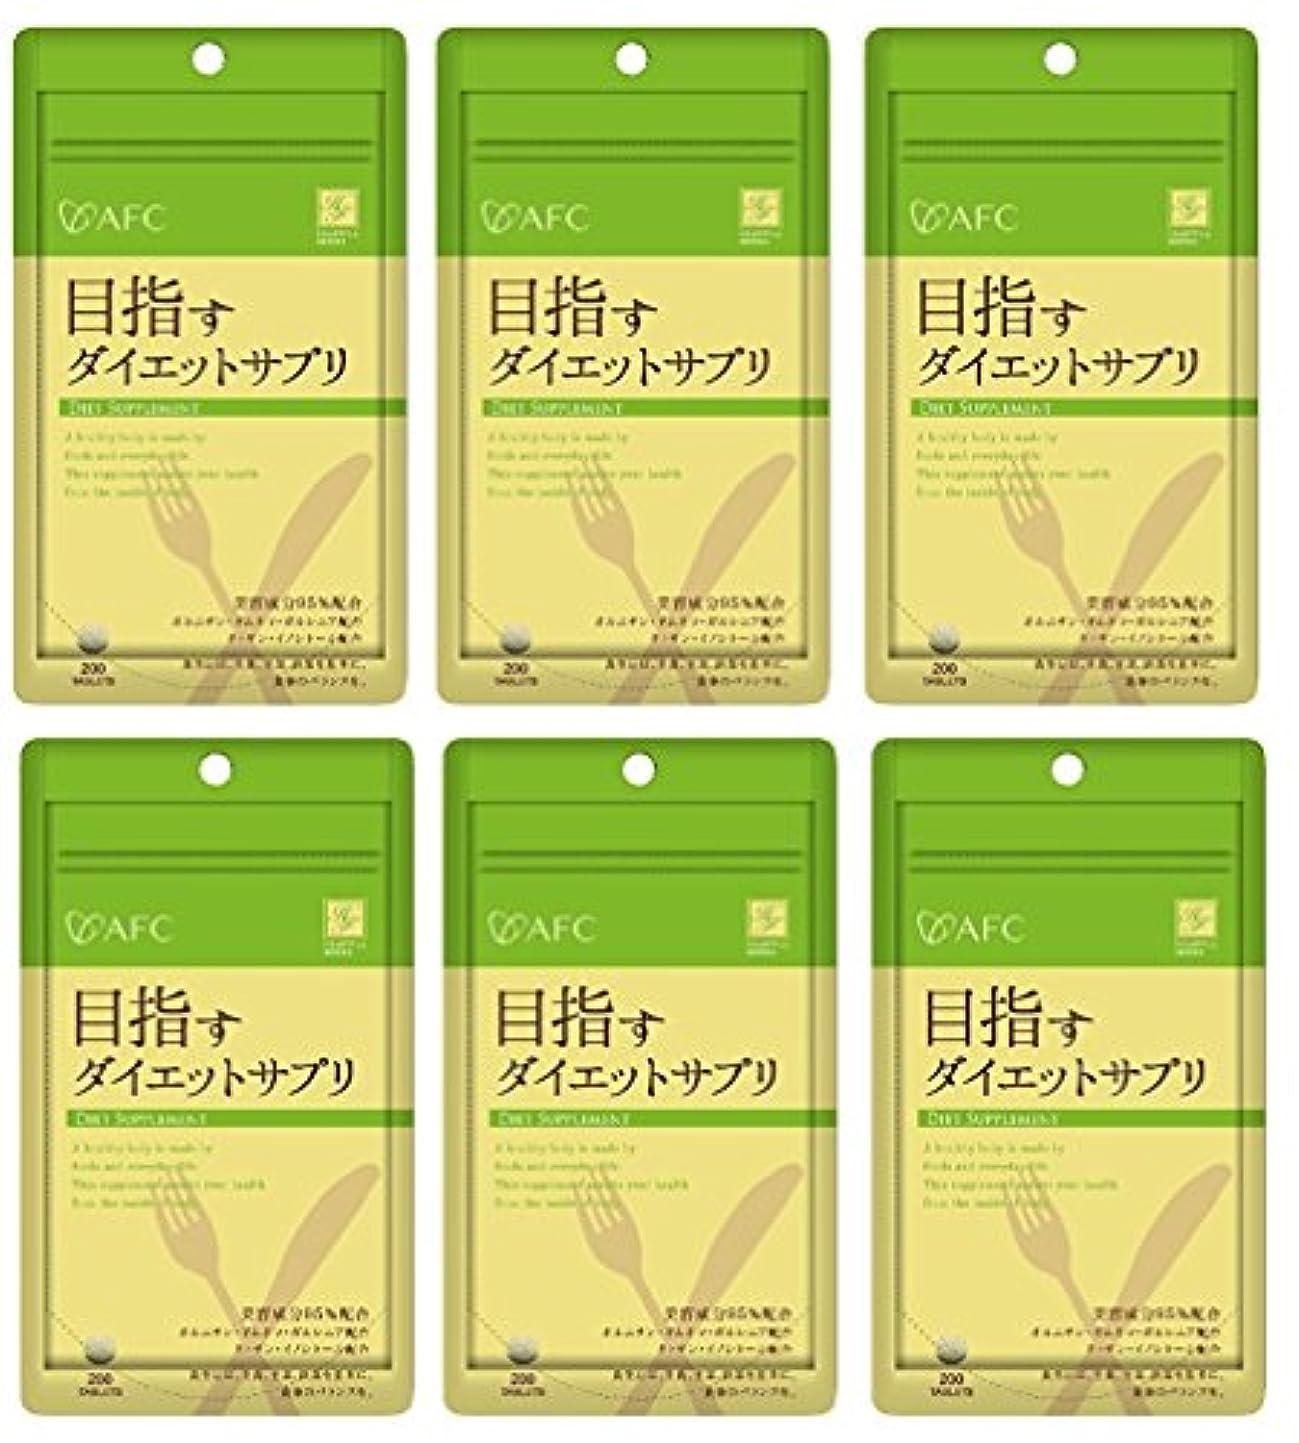 トレース成人期川【X6個セット】 AFC ハートフルS 目指す ダイエットサプリ 200粒 【国内正規品】